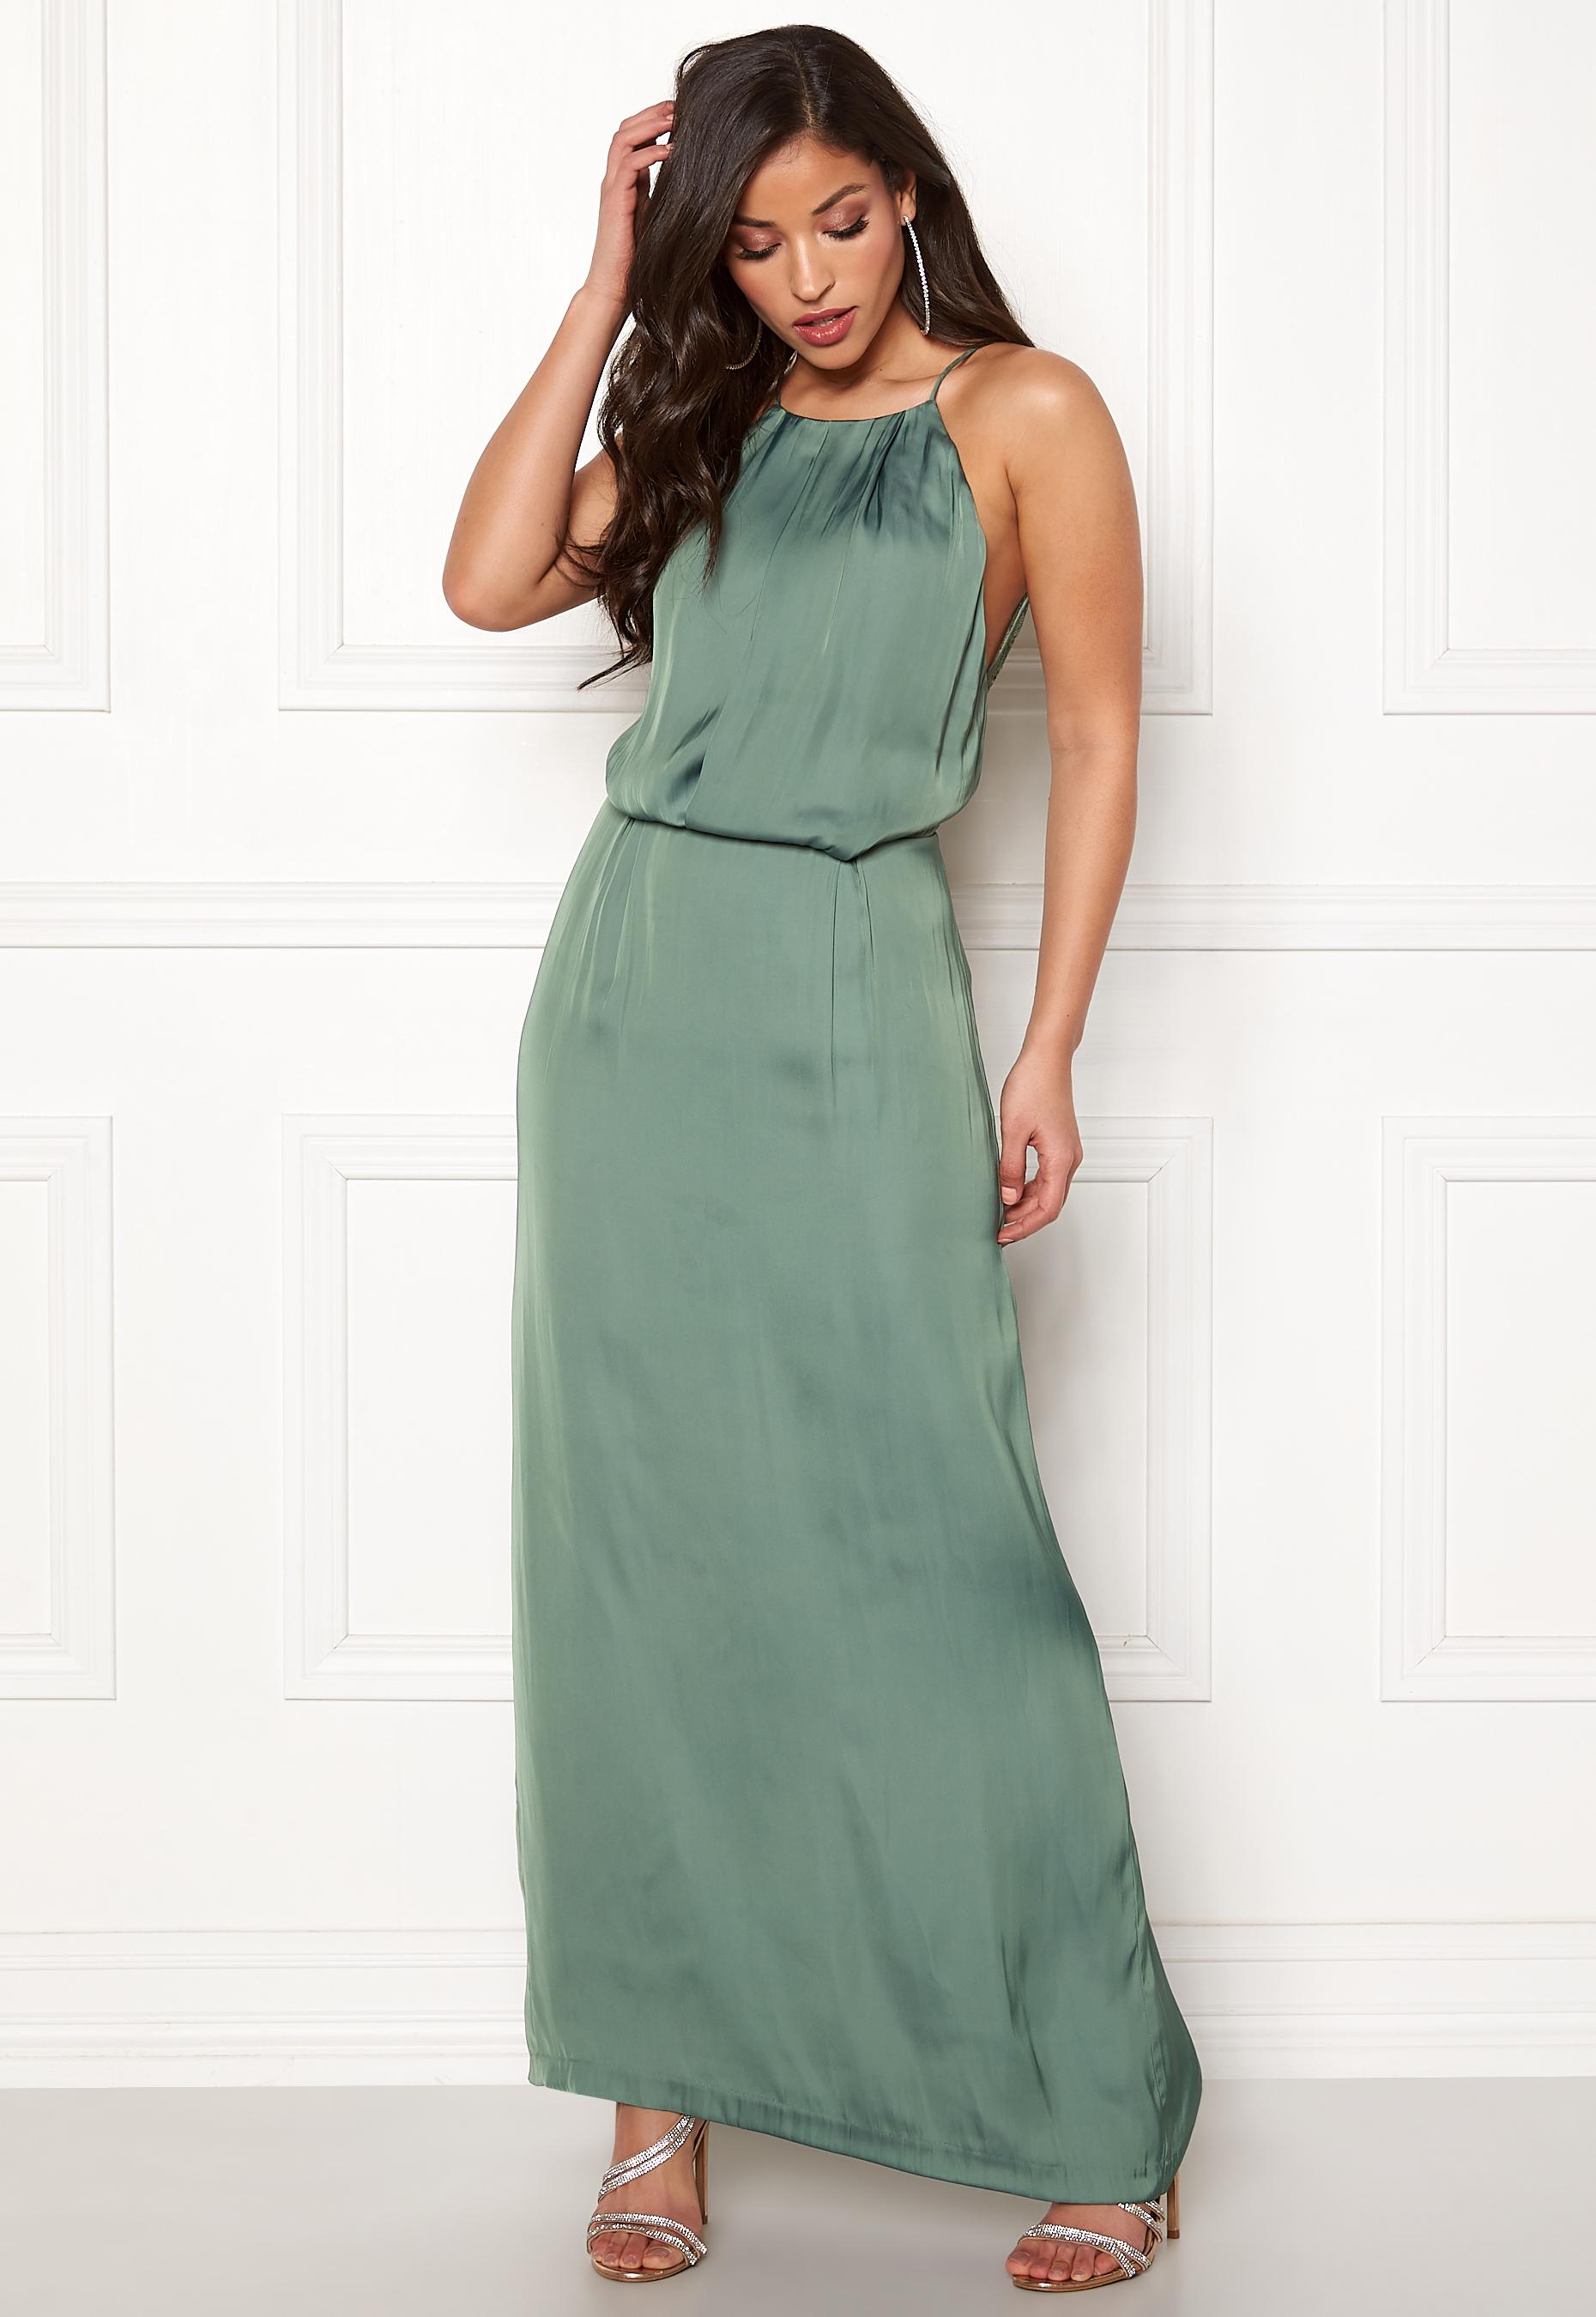 Kjole Amelia | Kläder för kvinnor, Klänningar, Duk